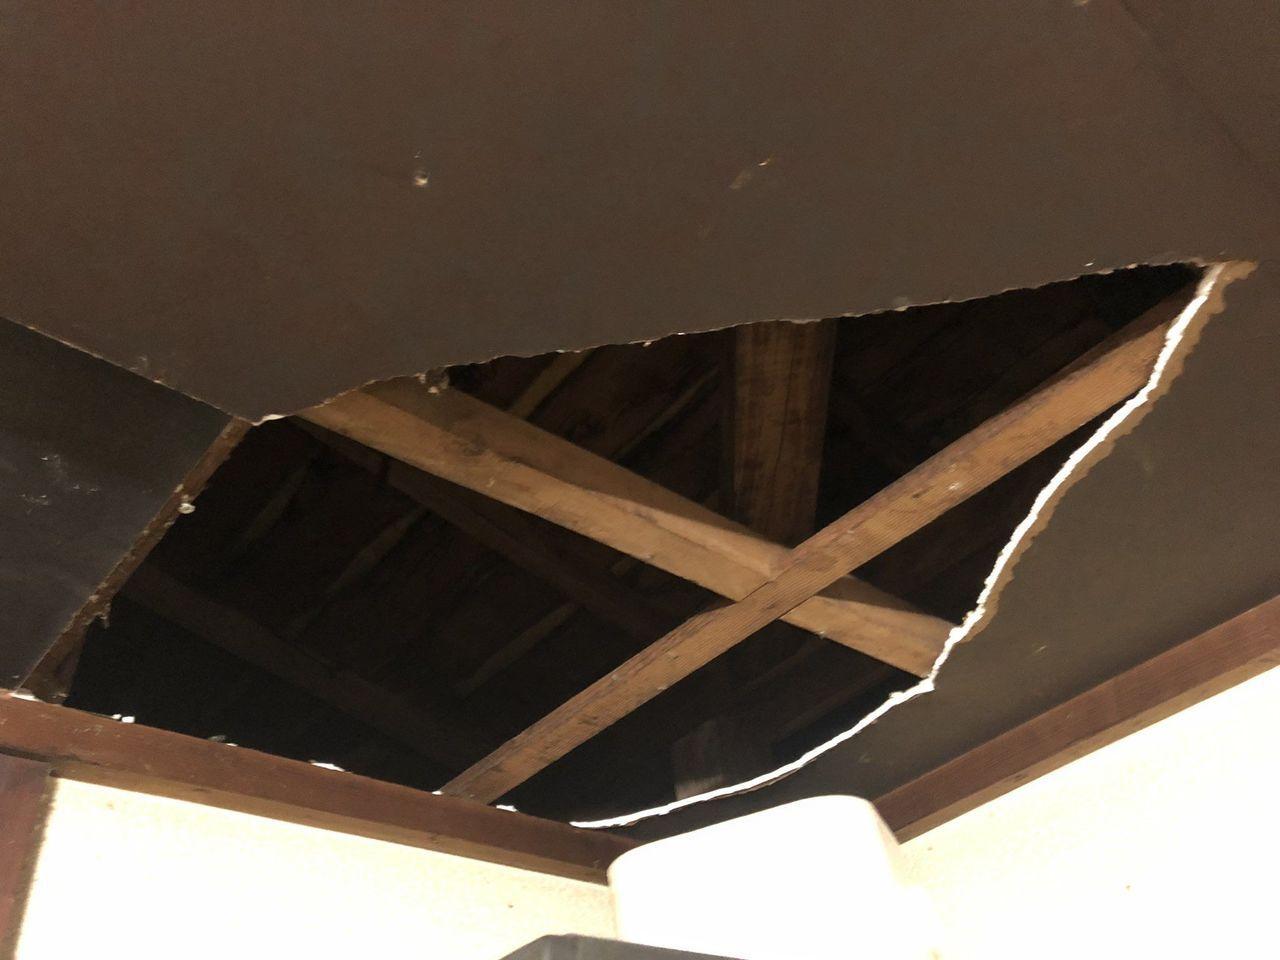 受到颱風影響,一名日本網友家中的天花板被強風吹破。圖擷自/Twitter